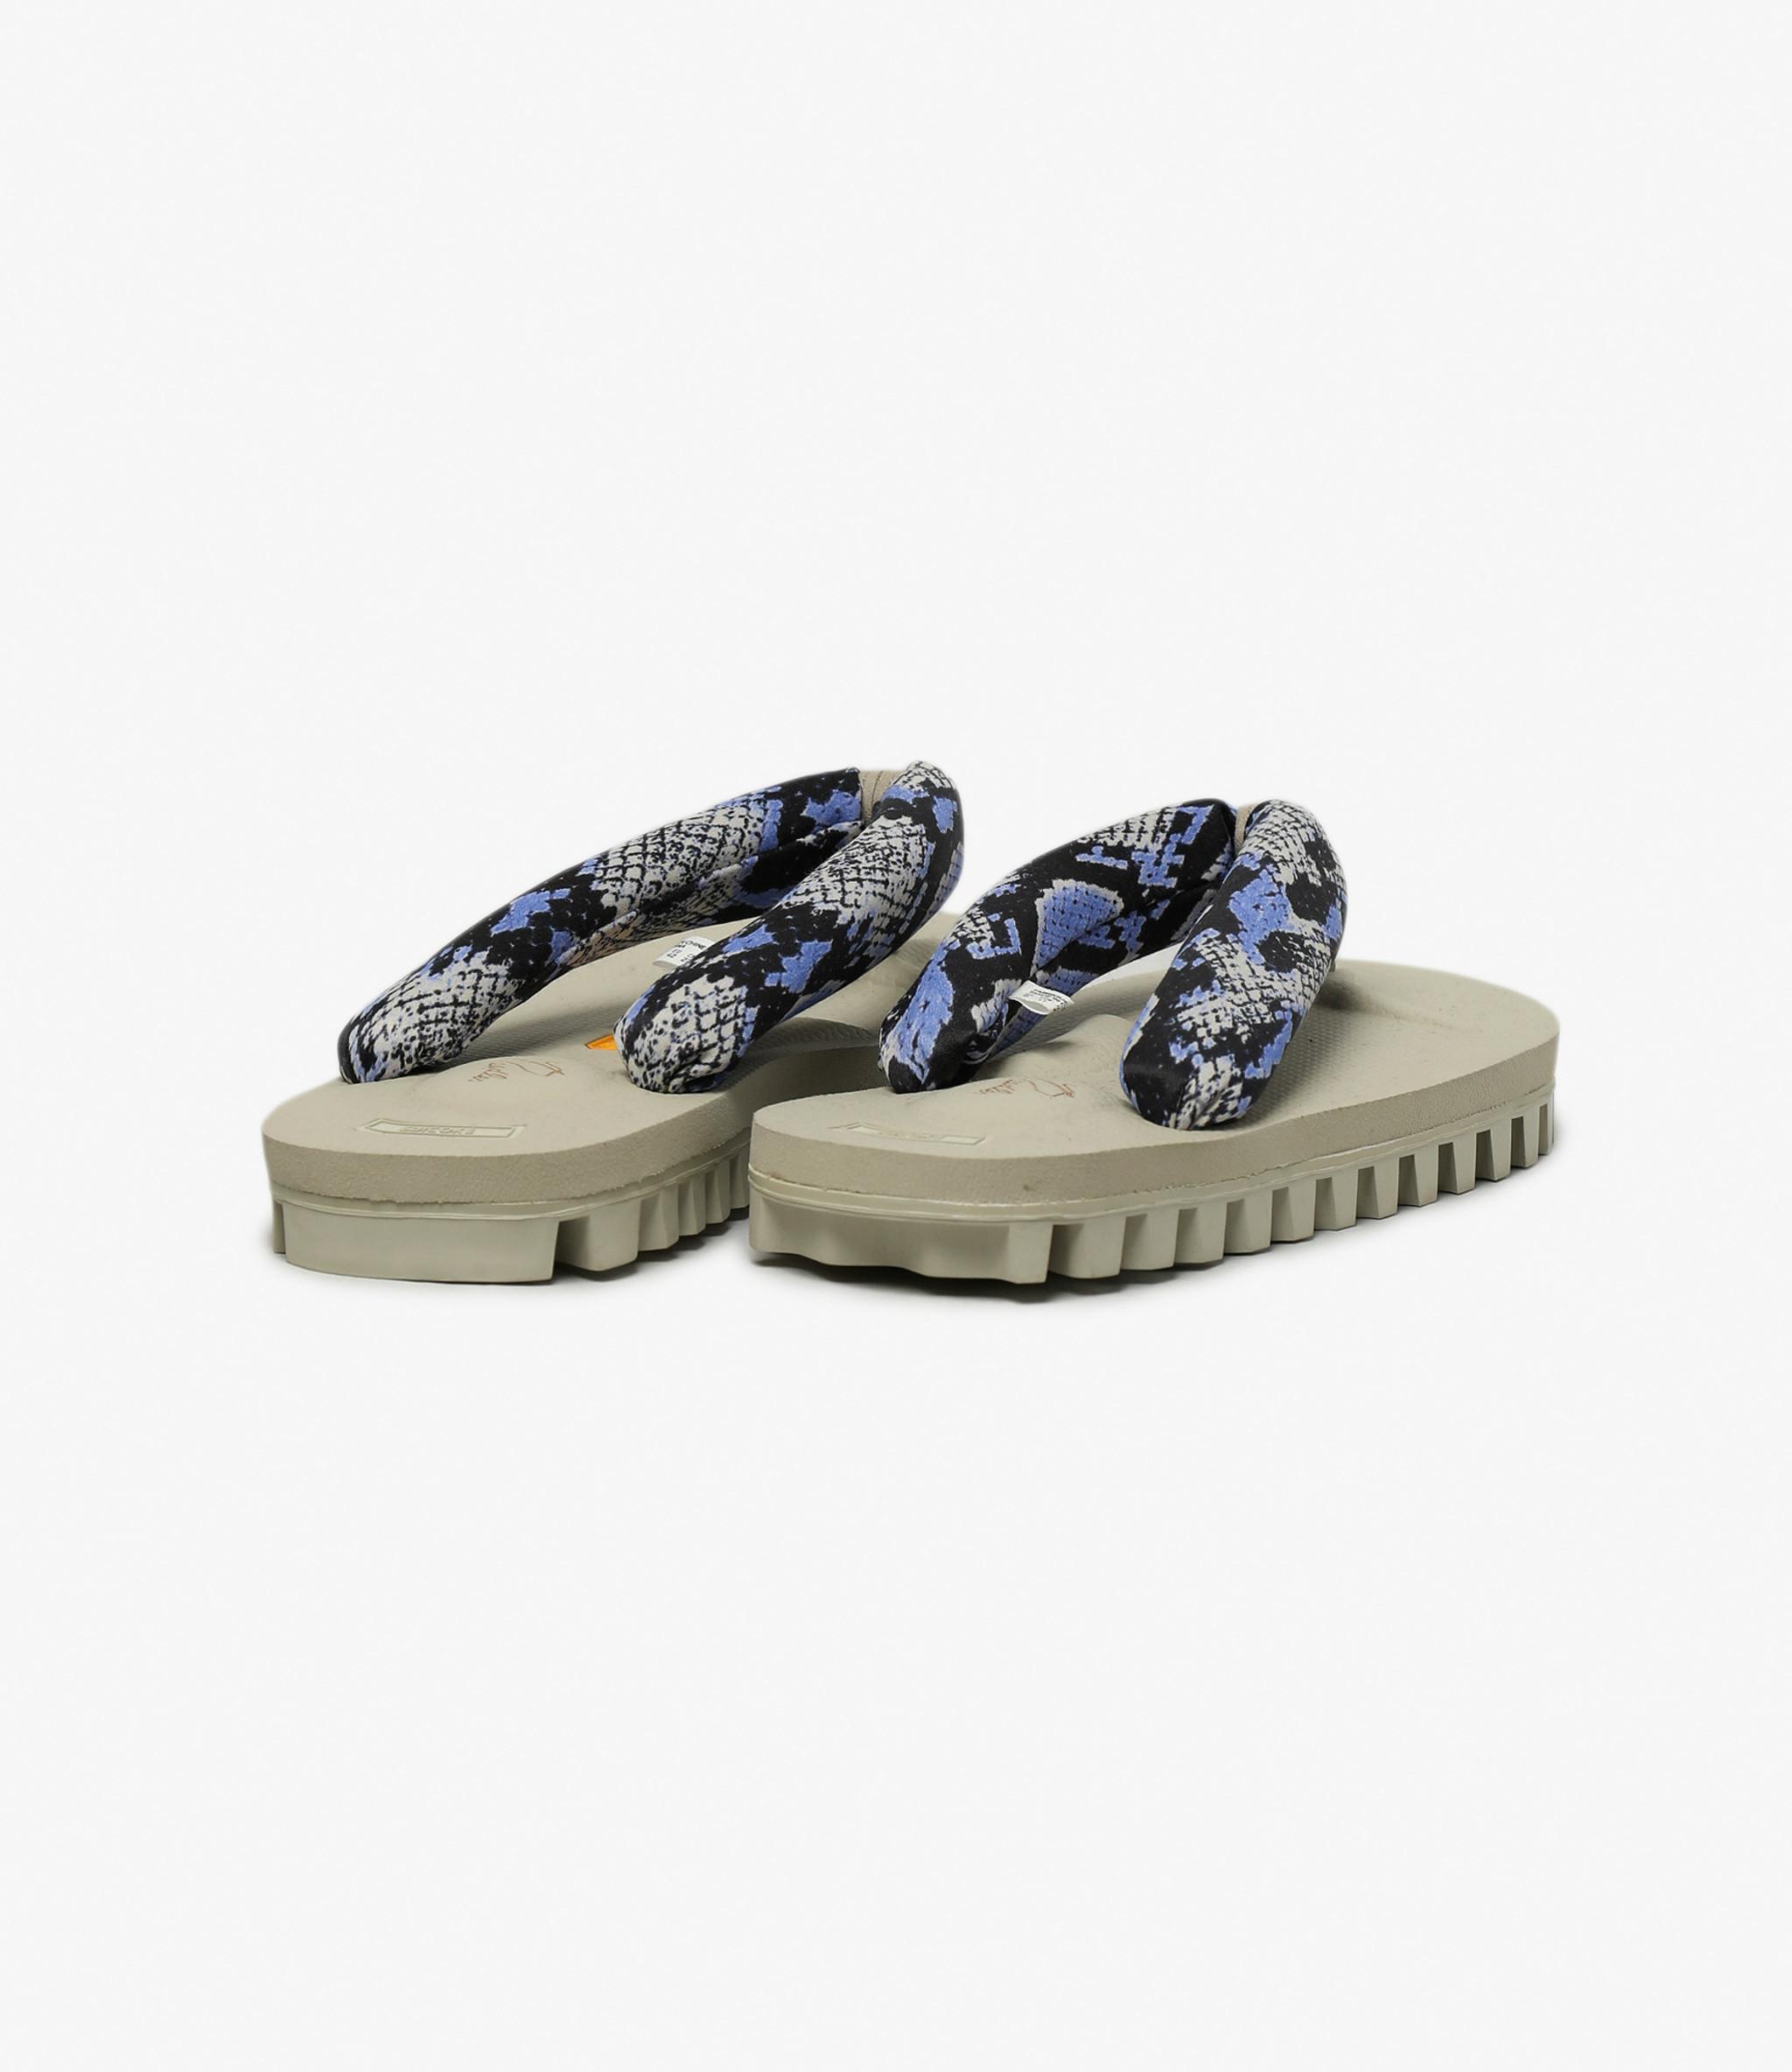 Suicoke Suicoke x Needles  - Thong Sandal Vibram Sole - Python / Black